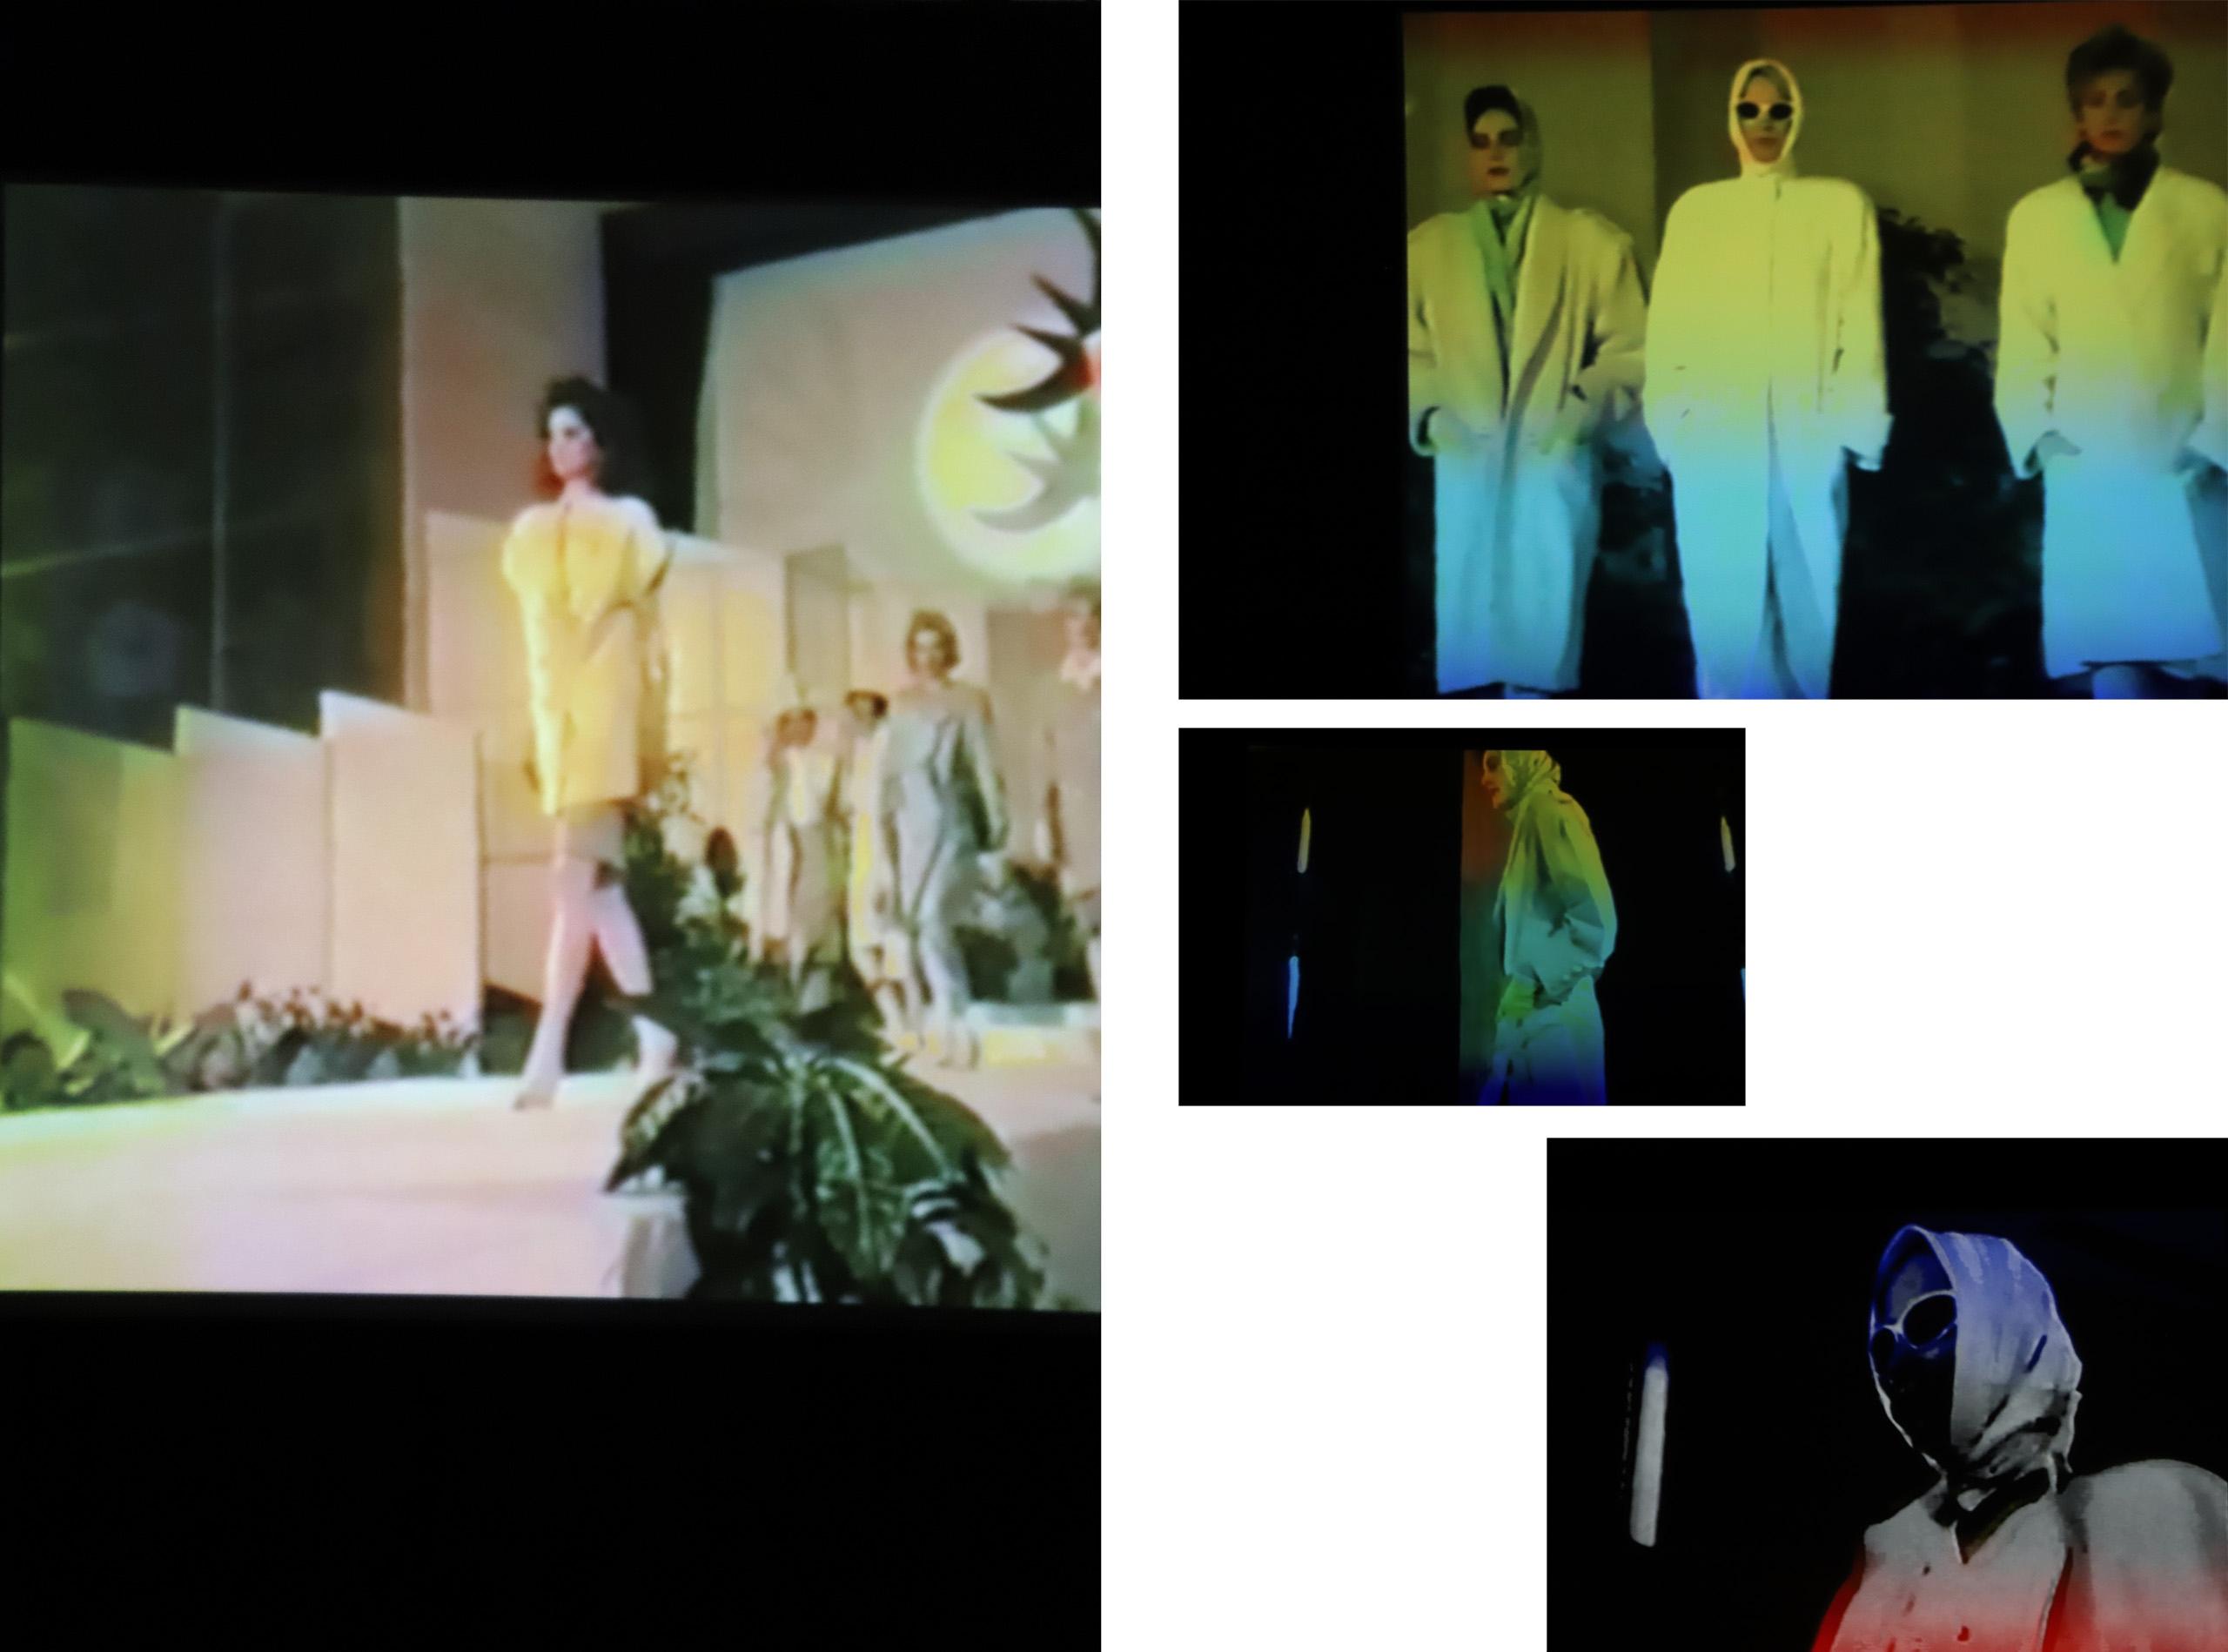 Obraz przedstawia cztery niewyraźne zdjęcia postaci na ciemnym tle.